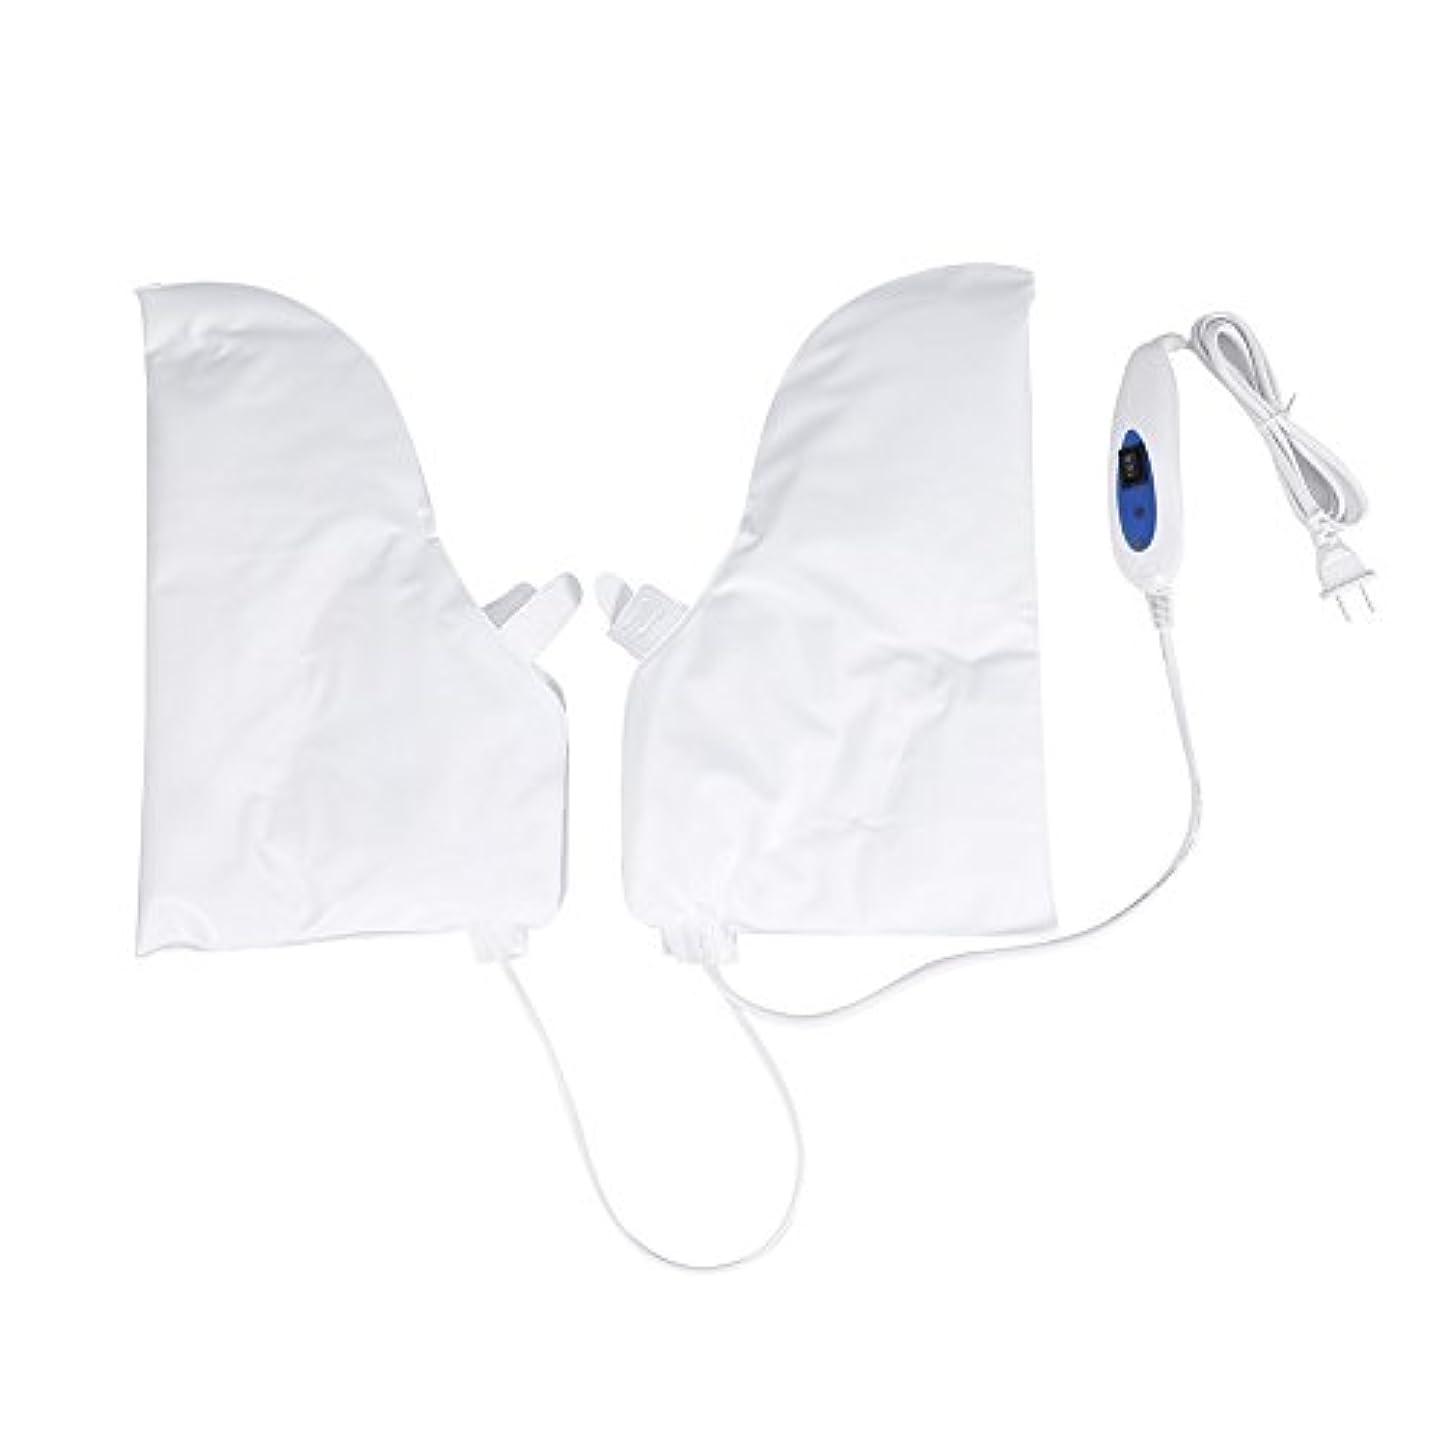 余剰蜂君主制蒸し手袋 ハンドマスク 保湿グローブ 電熱手袋 ヒートグローブ 加熱式 電熱 手ケア ハンドケア 2つ加熱モード 乾燥対策 手荒れ対策 補水 保湿 美白 しっとり 美容 手袋